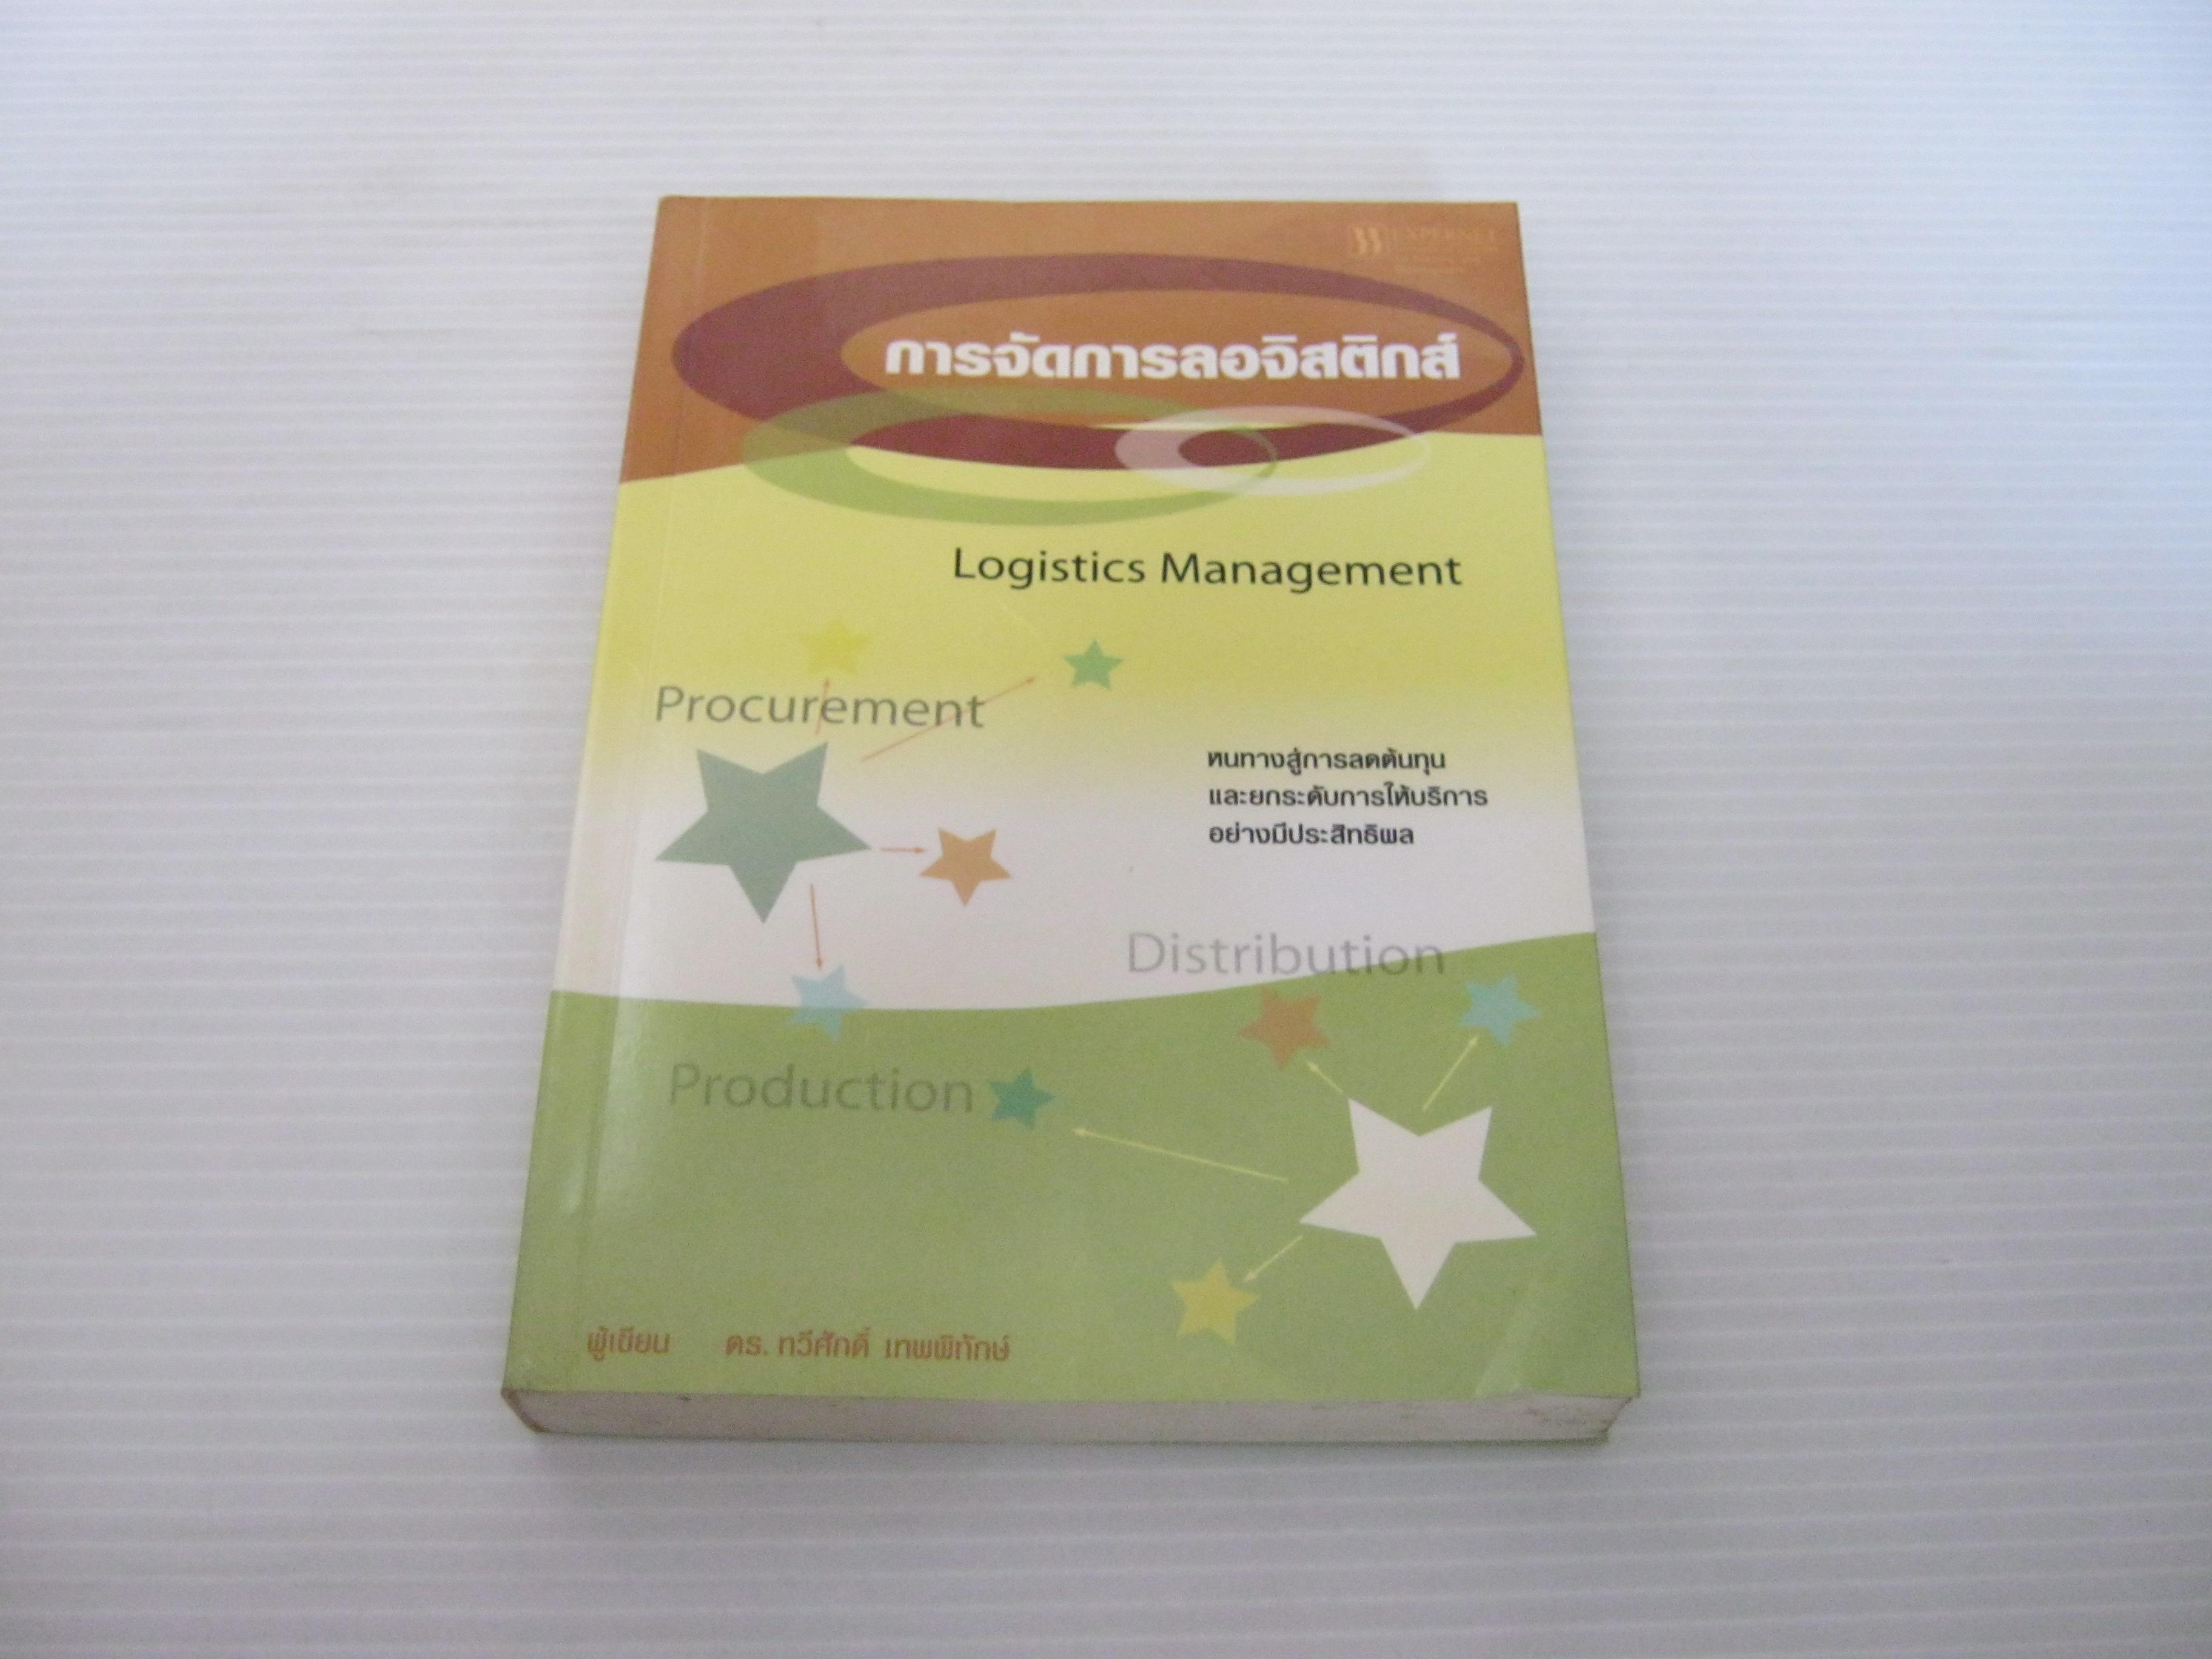 การจัดการลอจิสติกส์ (Ligistics Management) ดร.ทวีศักดิ์ เทพพิทักษ์ เขียน